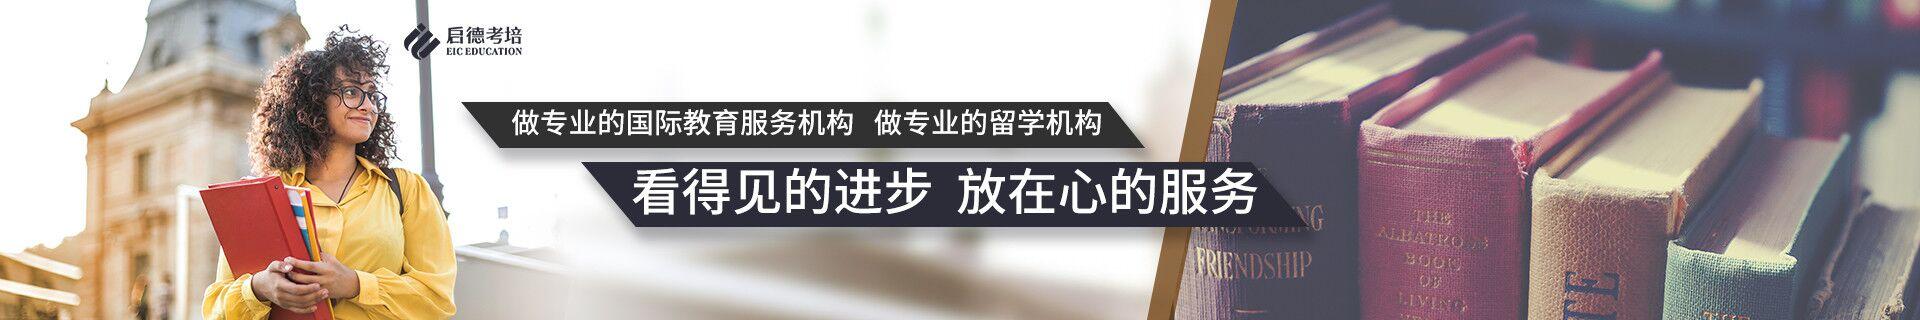 杭州西湖区启德考培